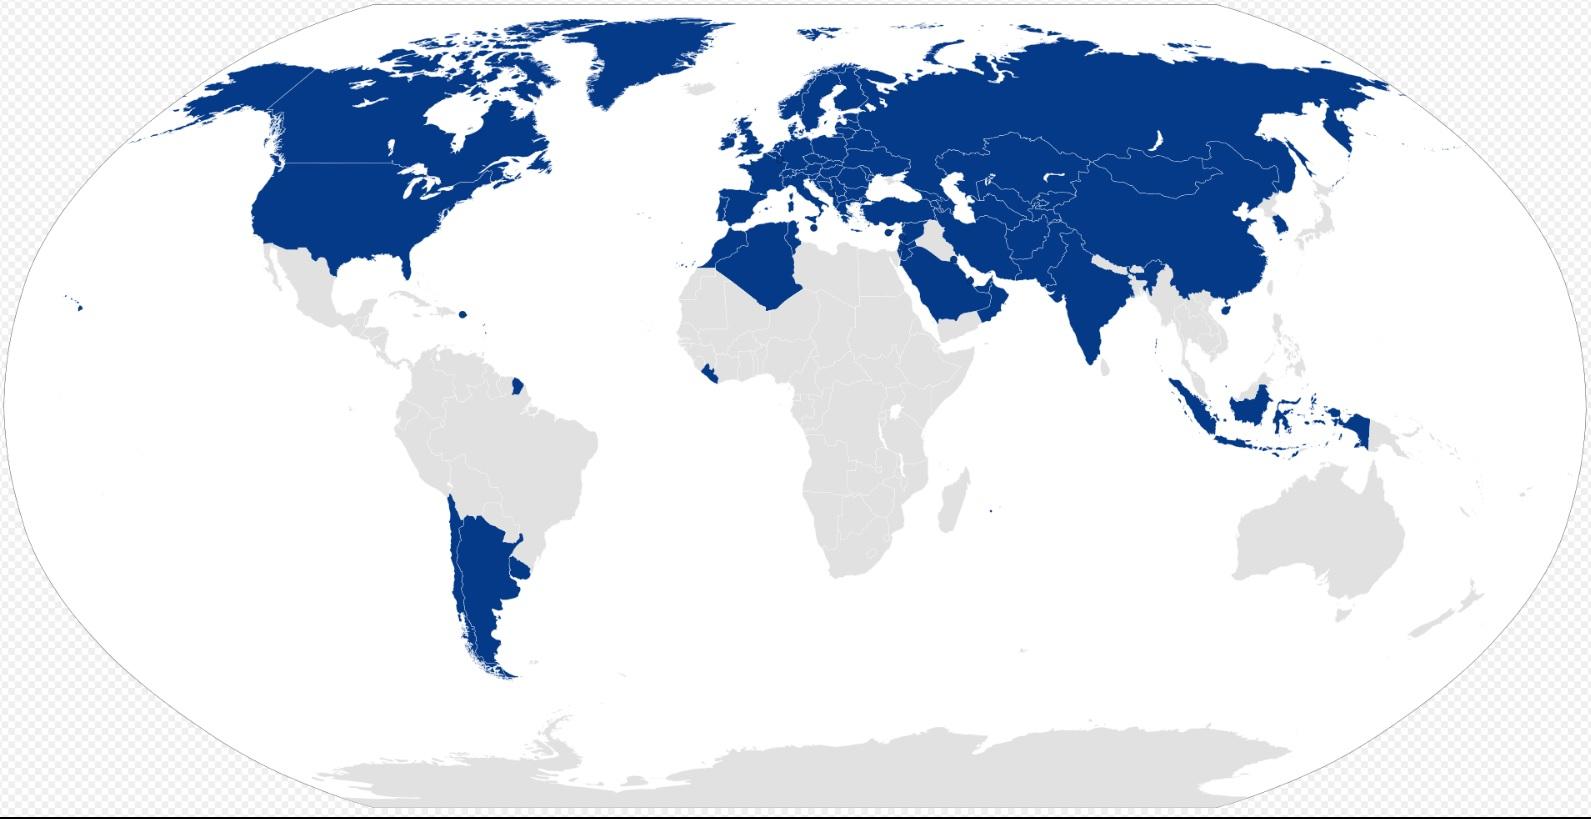 До Конвенції МДП приєдналася сімдесят сьома країна